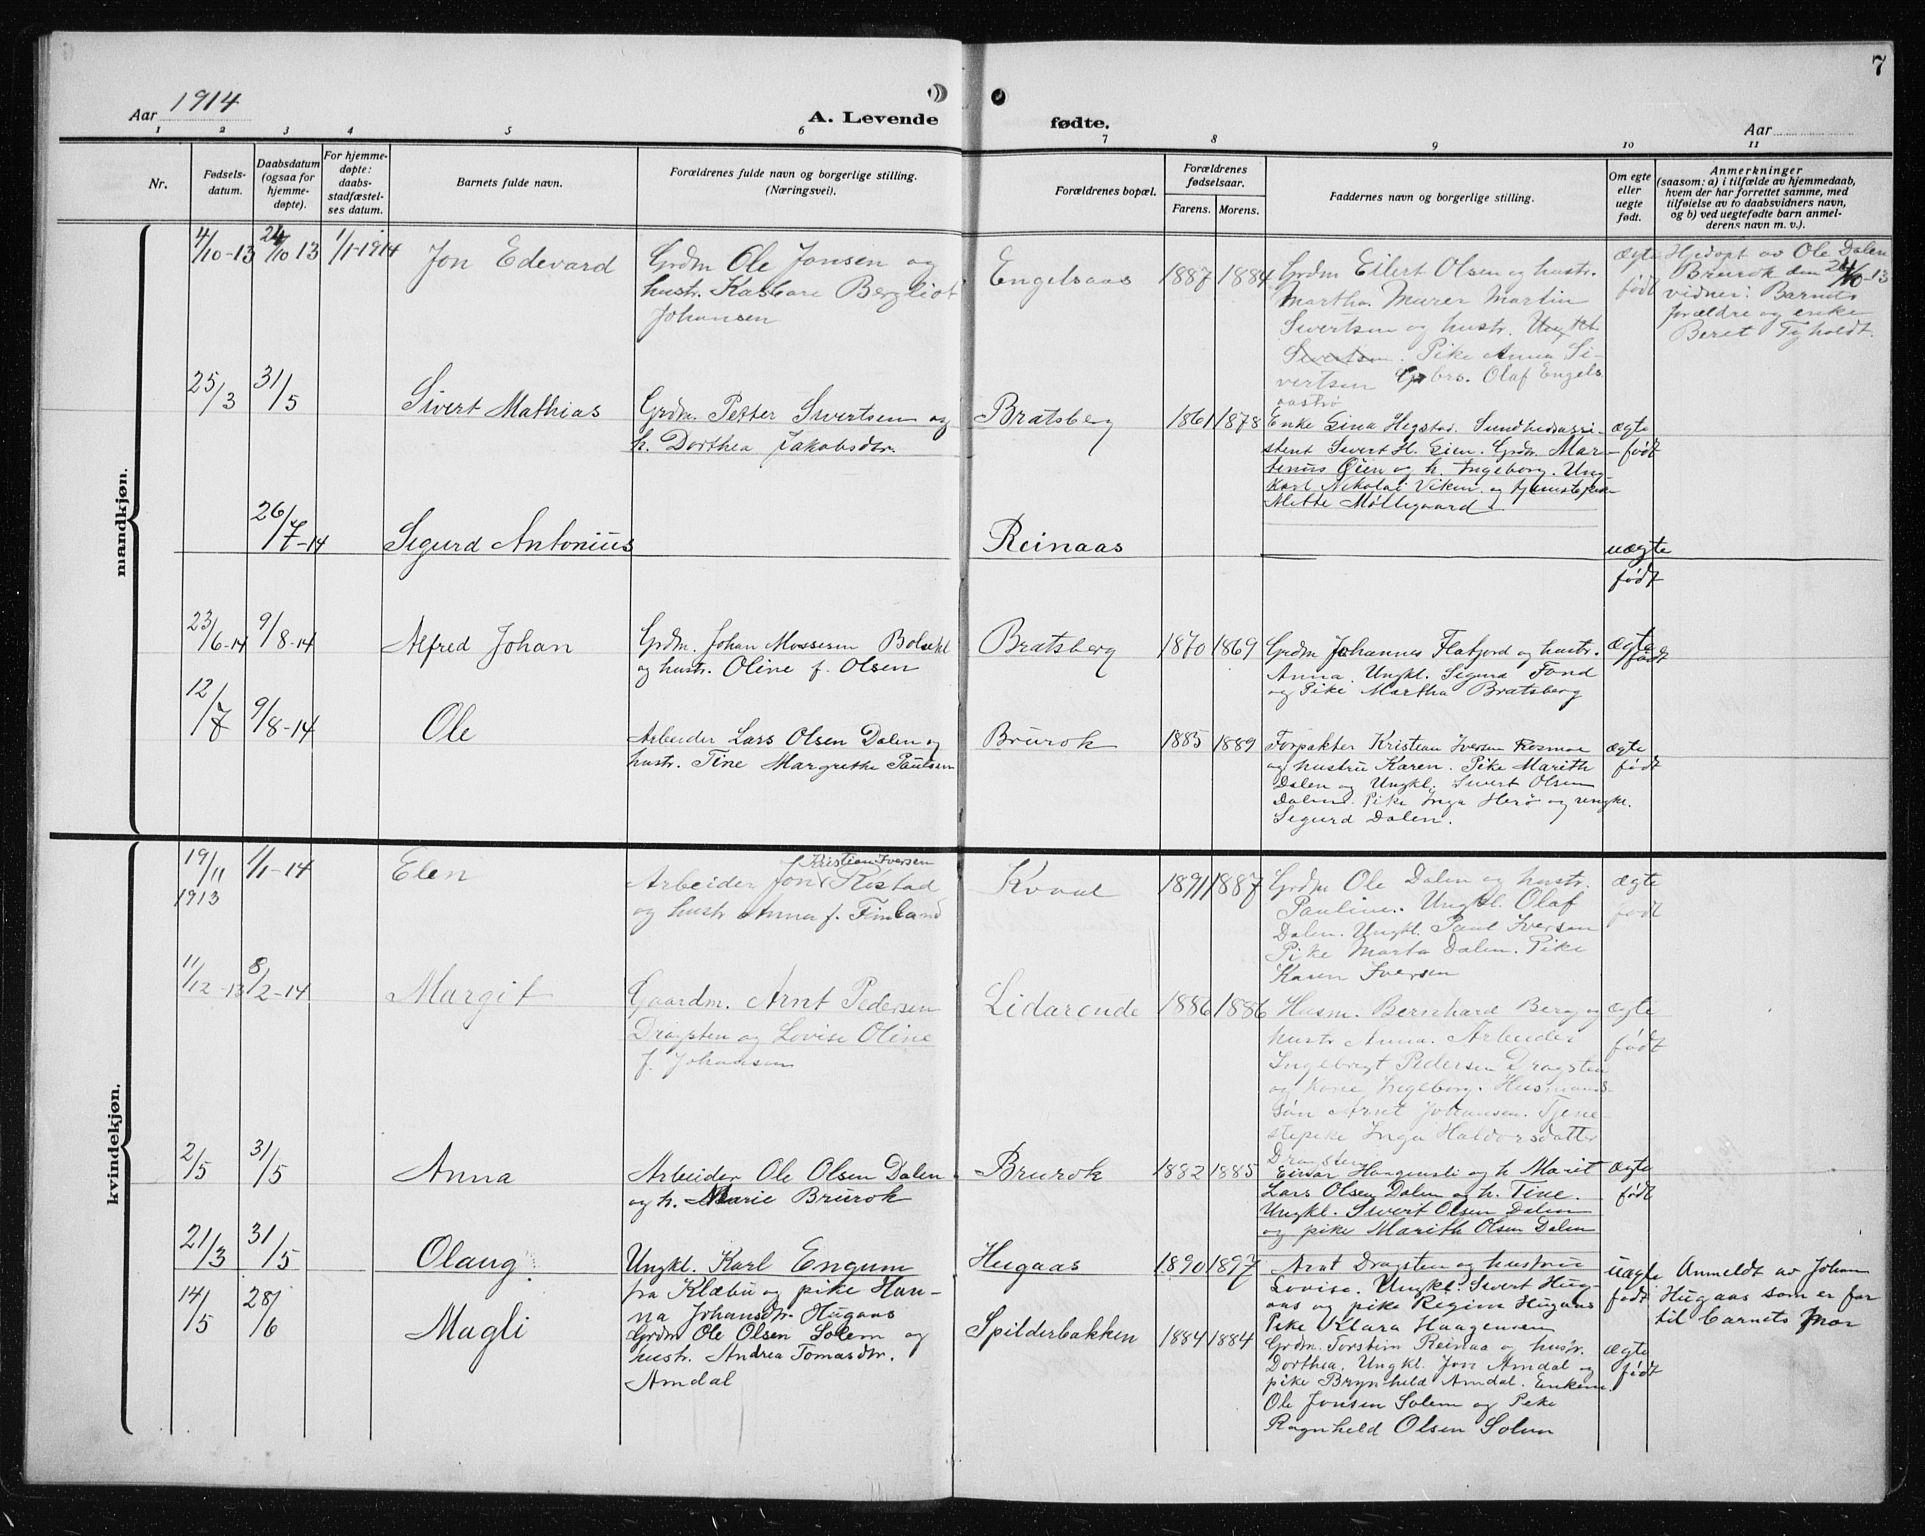 SAT, Ministerialprotokoller, klokkerbøker og fødselsregistre - Sør-Trøndelag, 608/L0342: Klokkerbok nr. 608C08, 1912-1938, s. 7